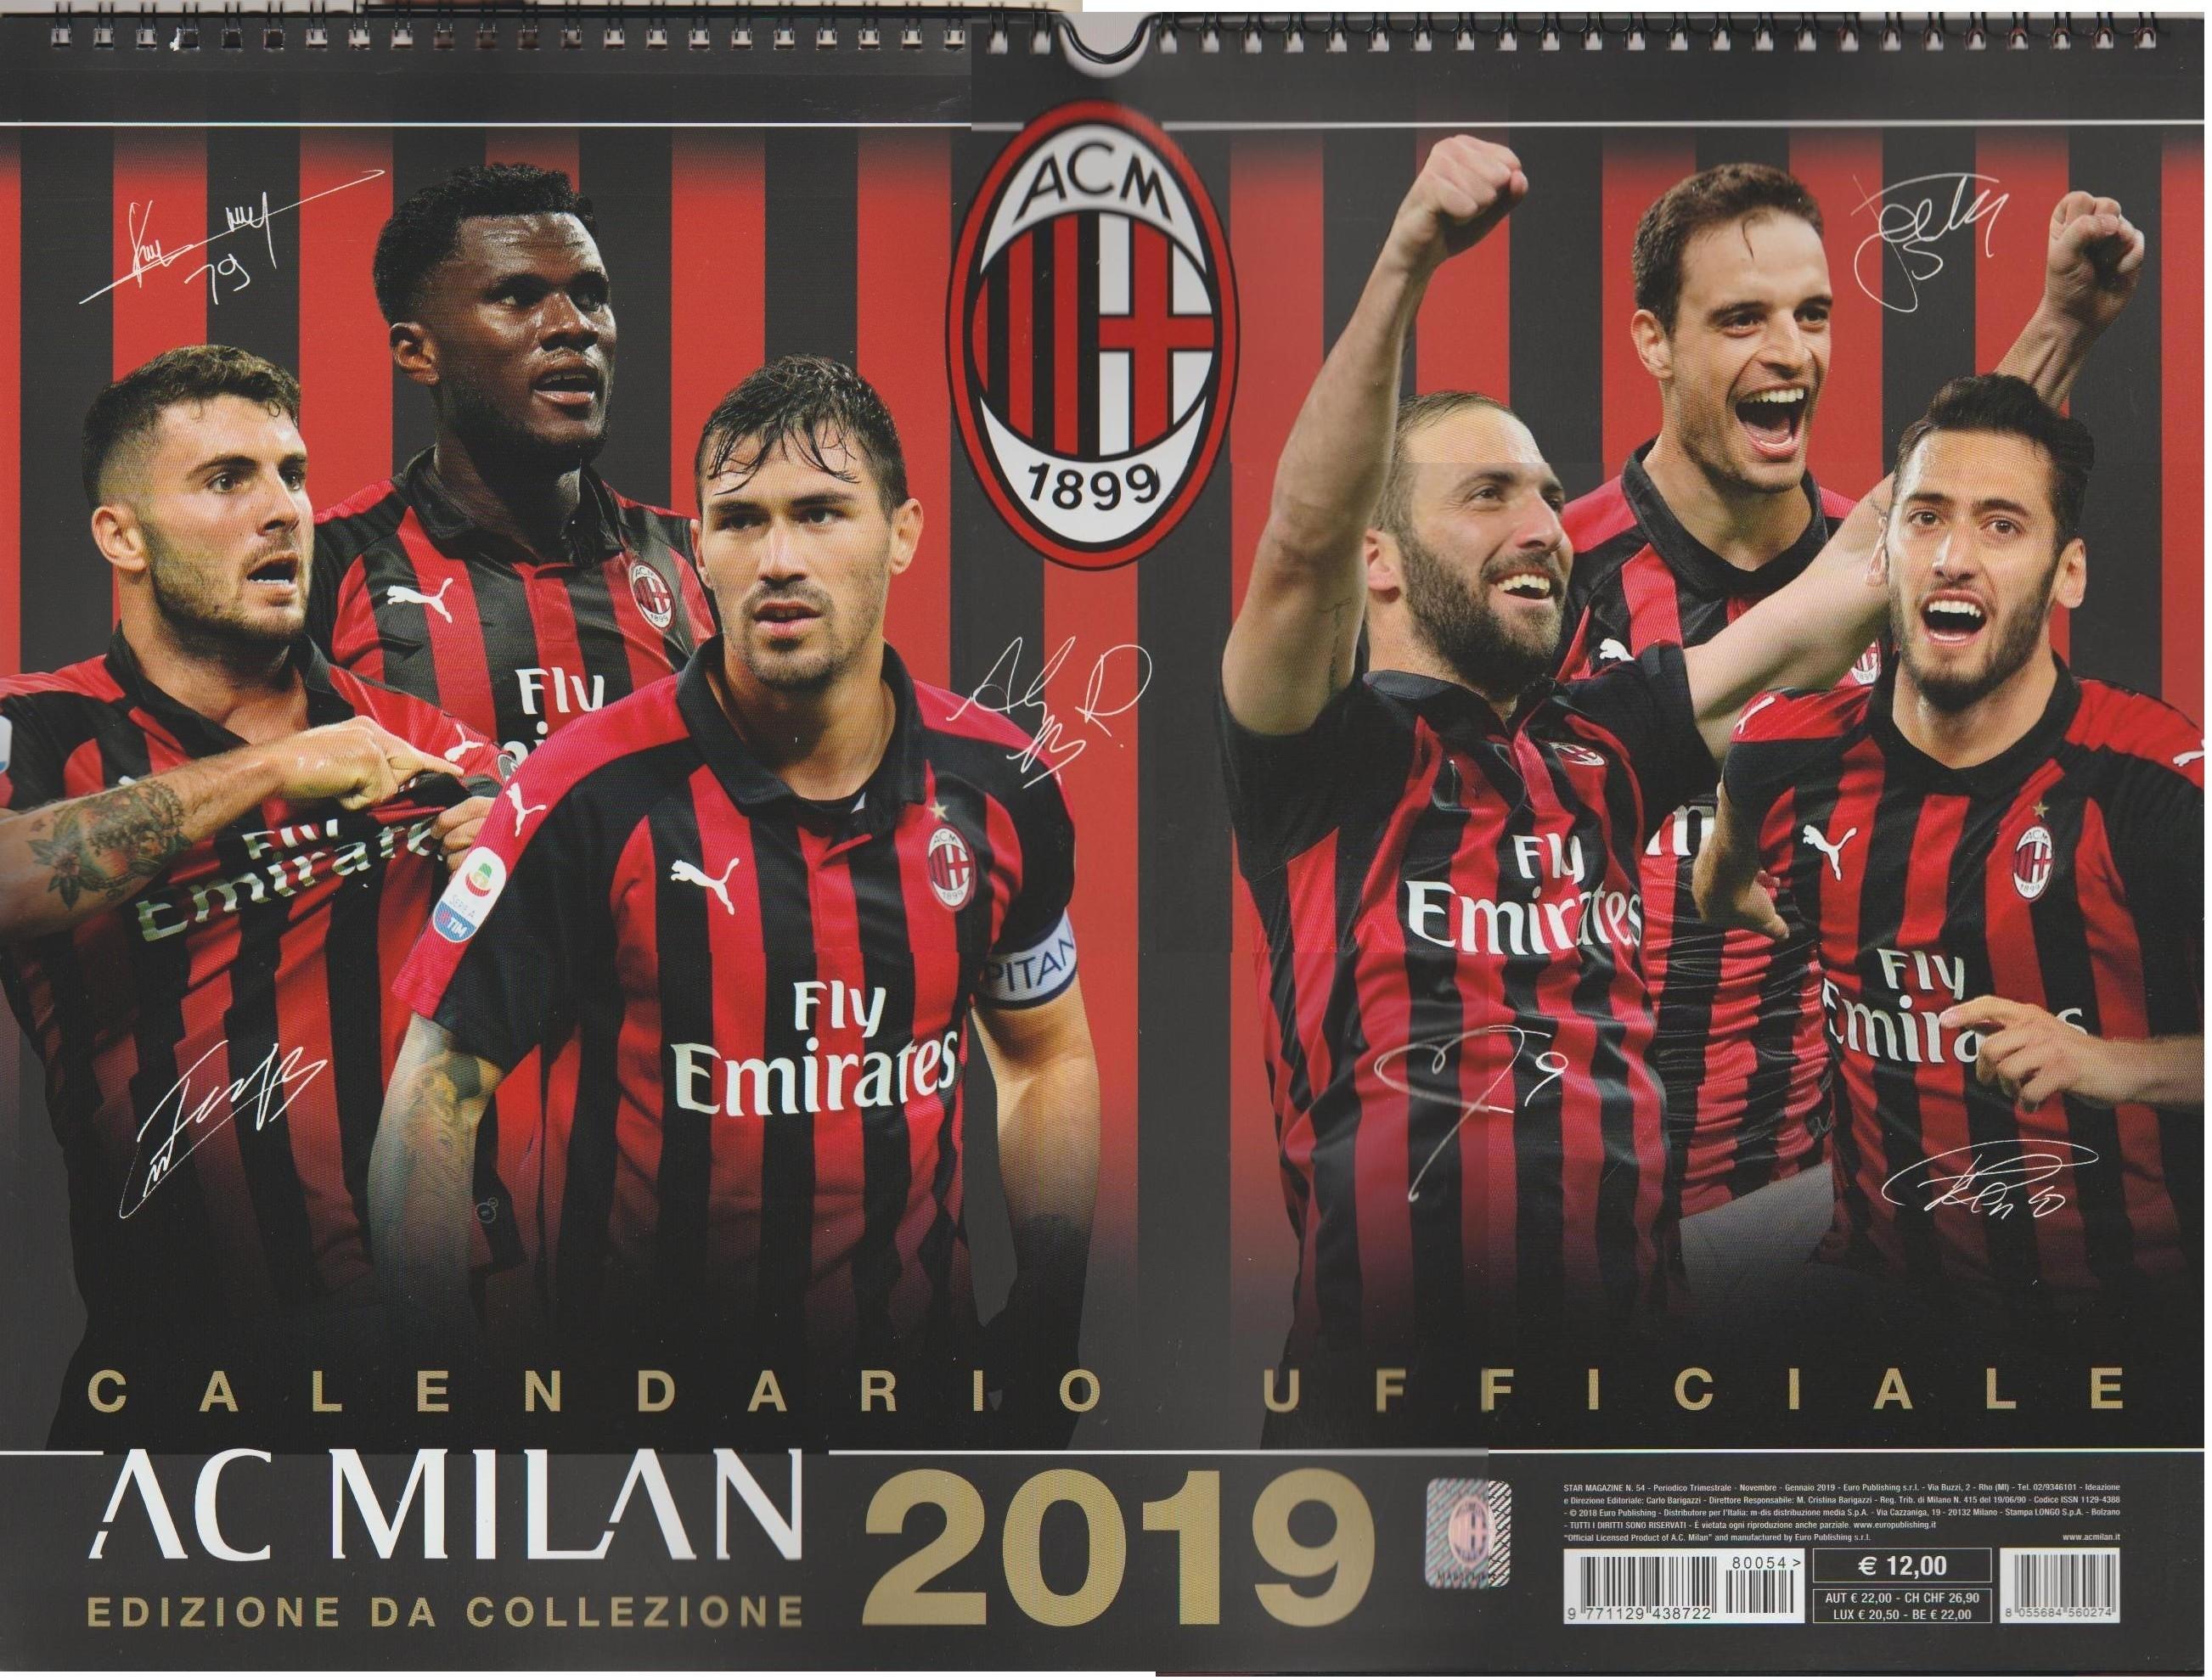 Calendari Milan Calendario Milan 2019 - Orizzontale